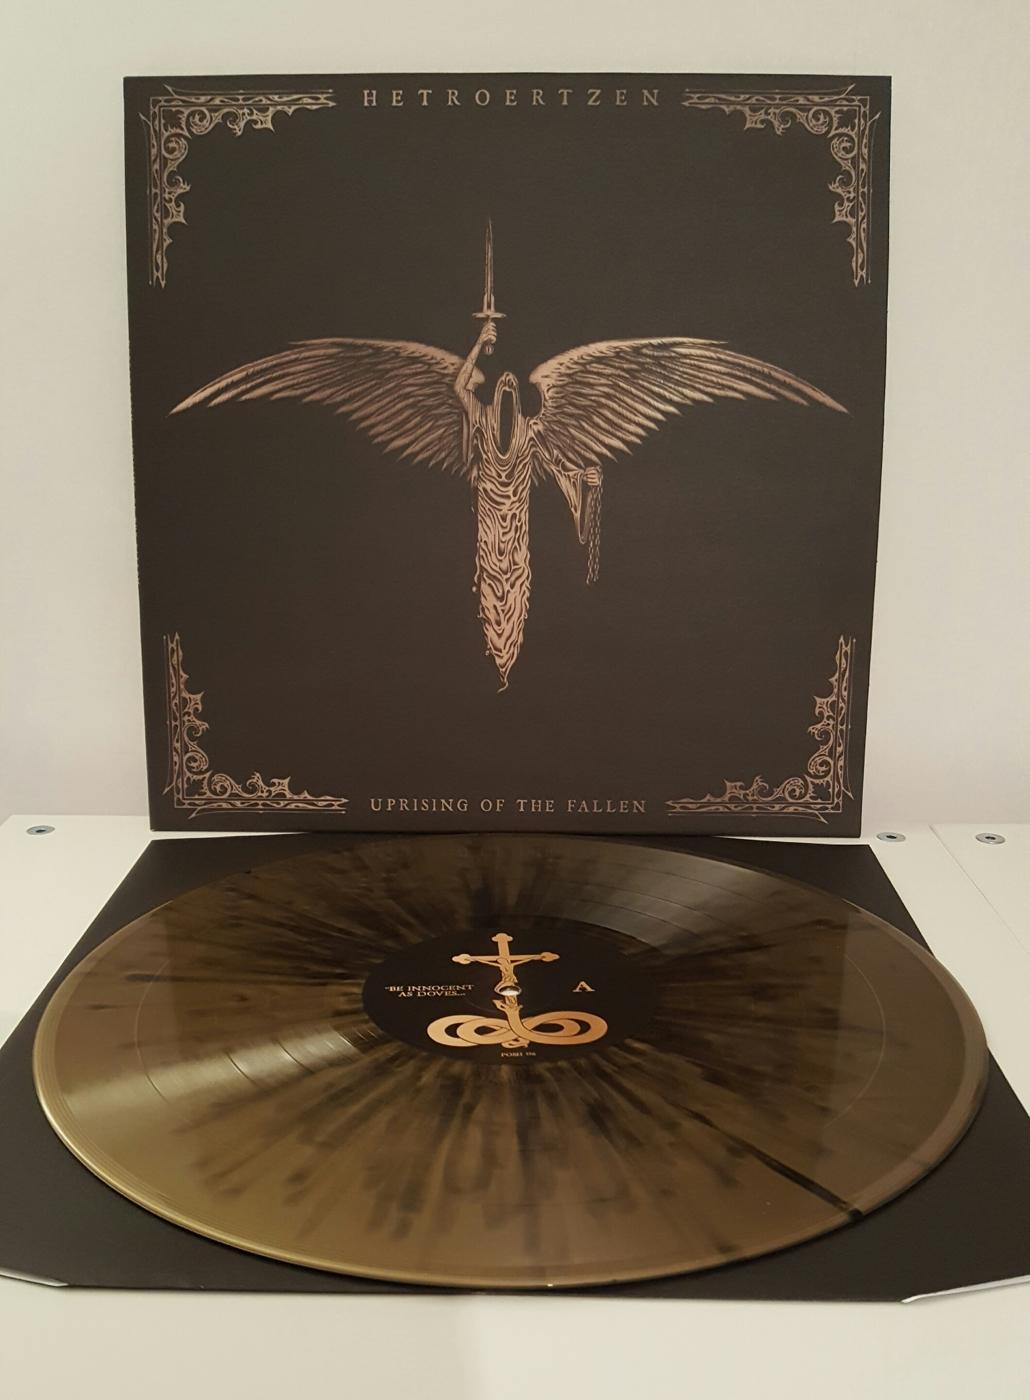 Golden splatter vinyl